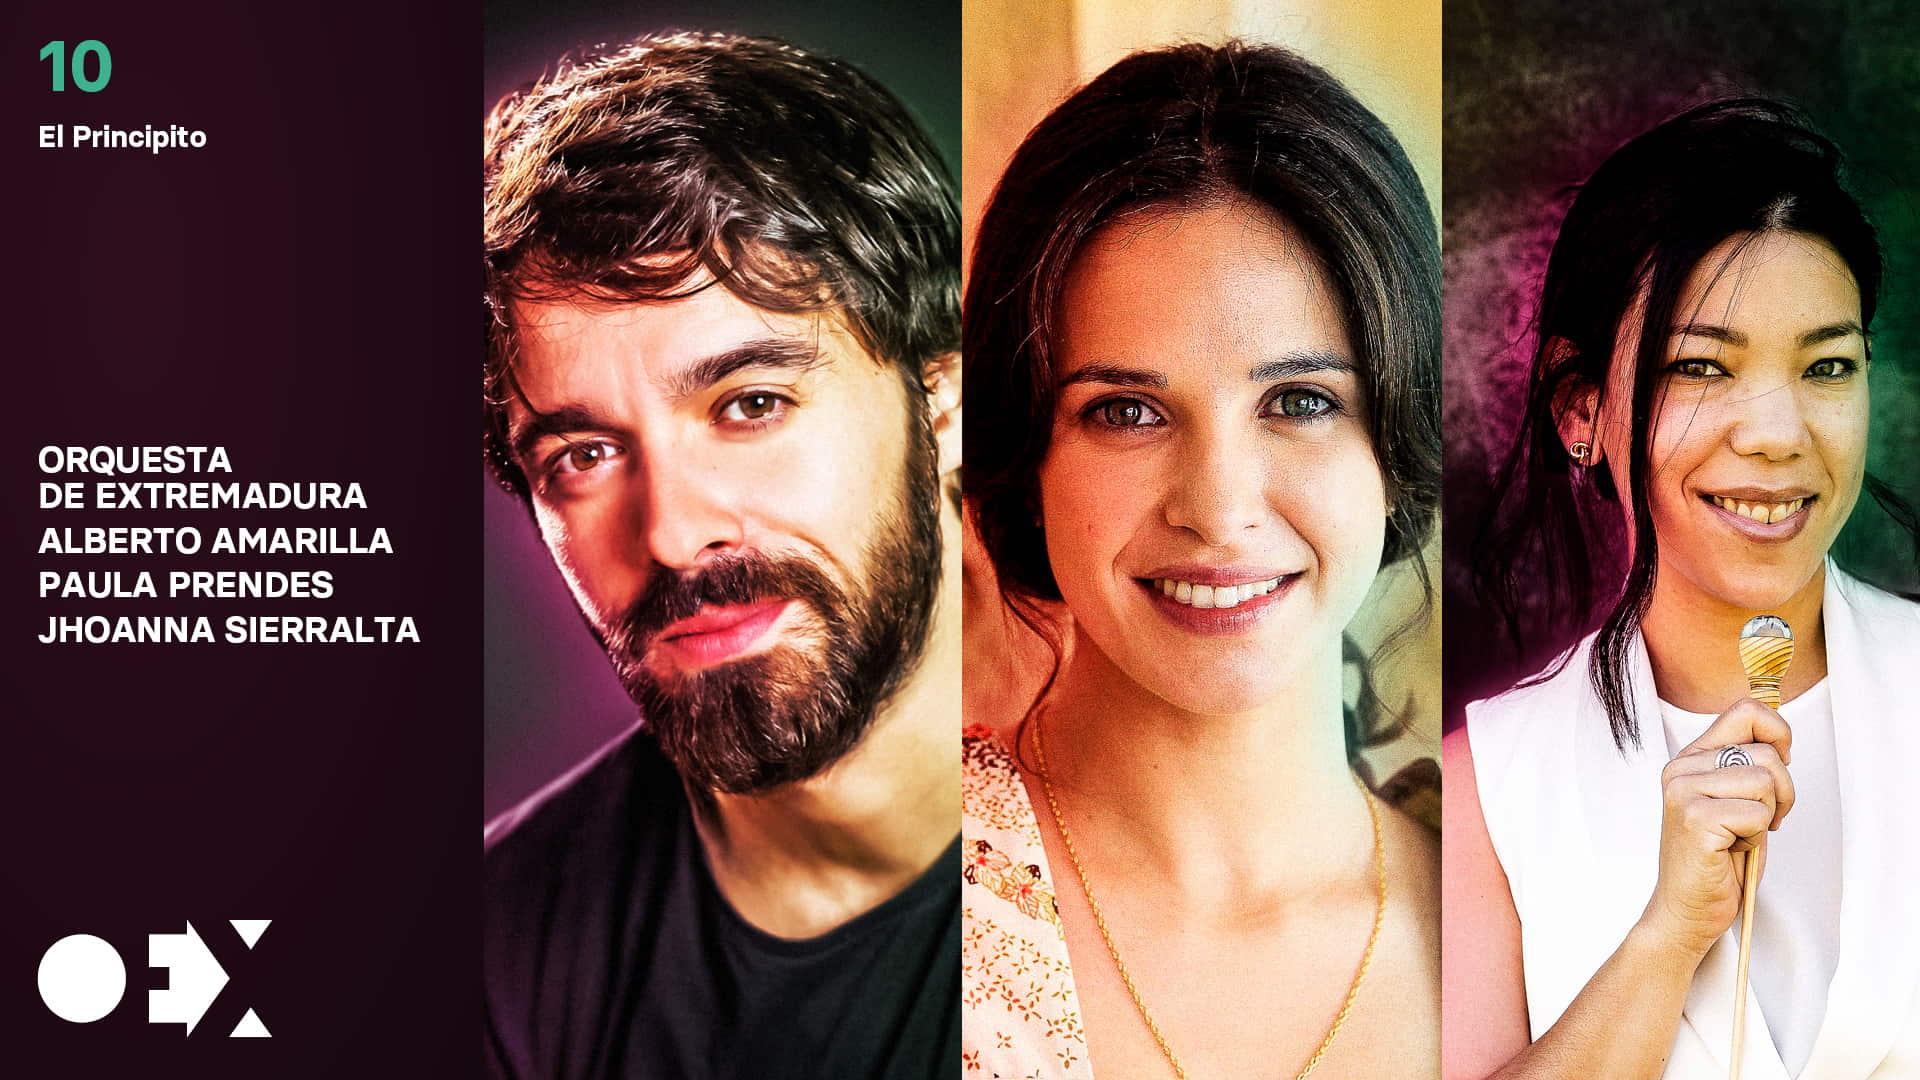 El Principito. Con Alberto Amarilla, Paula Prendes y Jhoanna Sierralta